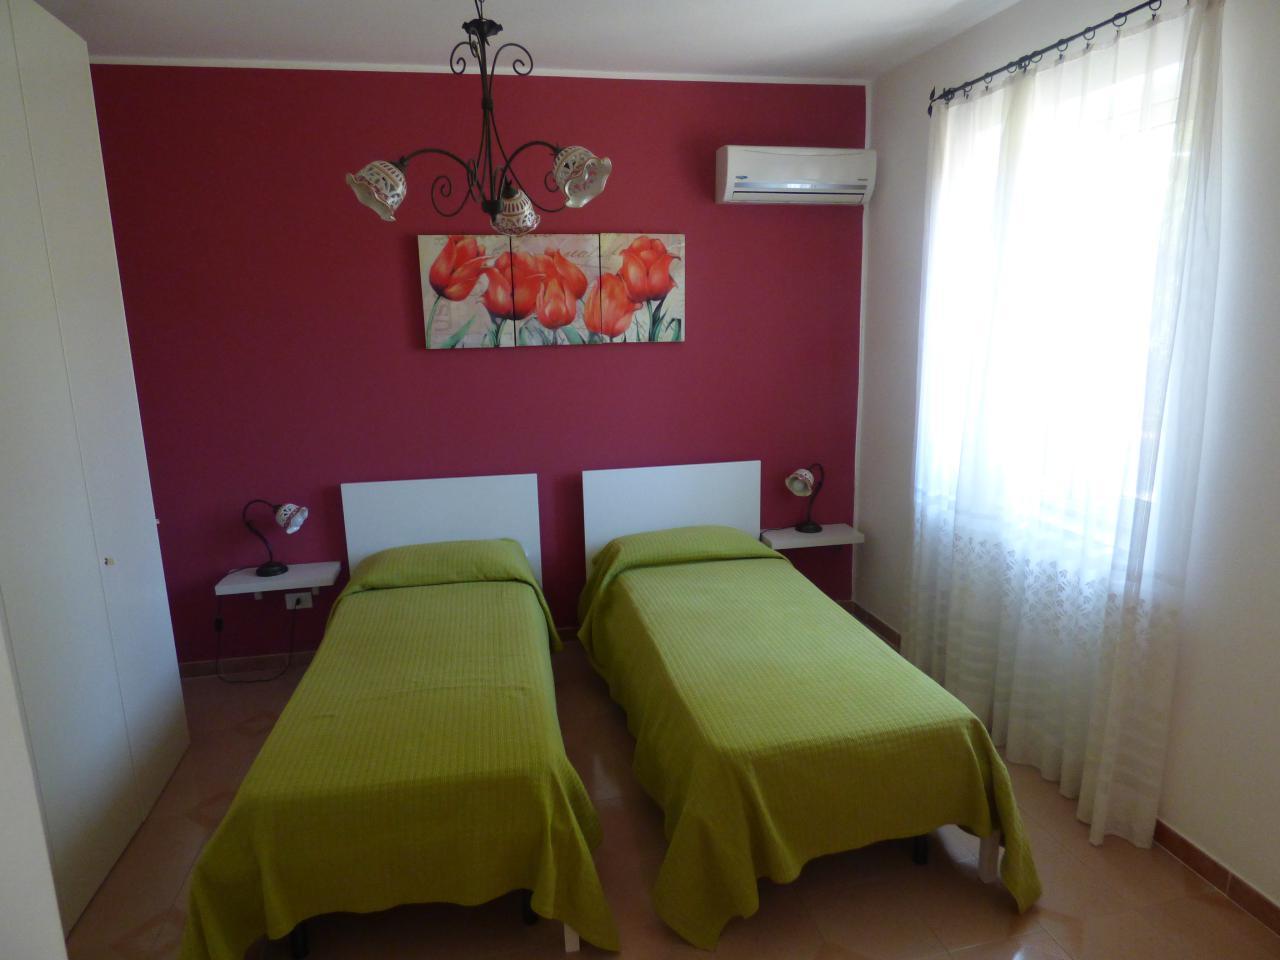 Ferienhaus Villa Maria ein schönes Landhaus in einer ruhigen und sonnige lage mit Blick auf den Eolie (482652), Patti, Messina, Sizilien, Italien, Bild 16